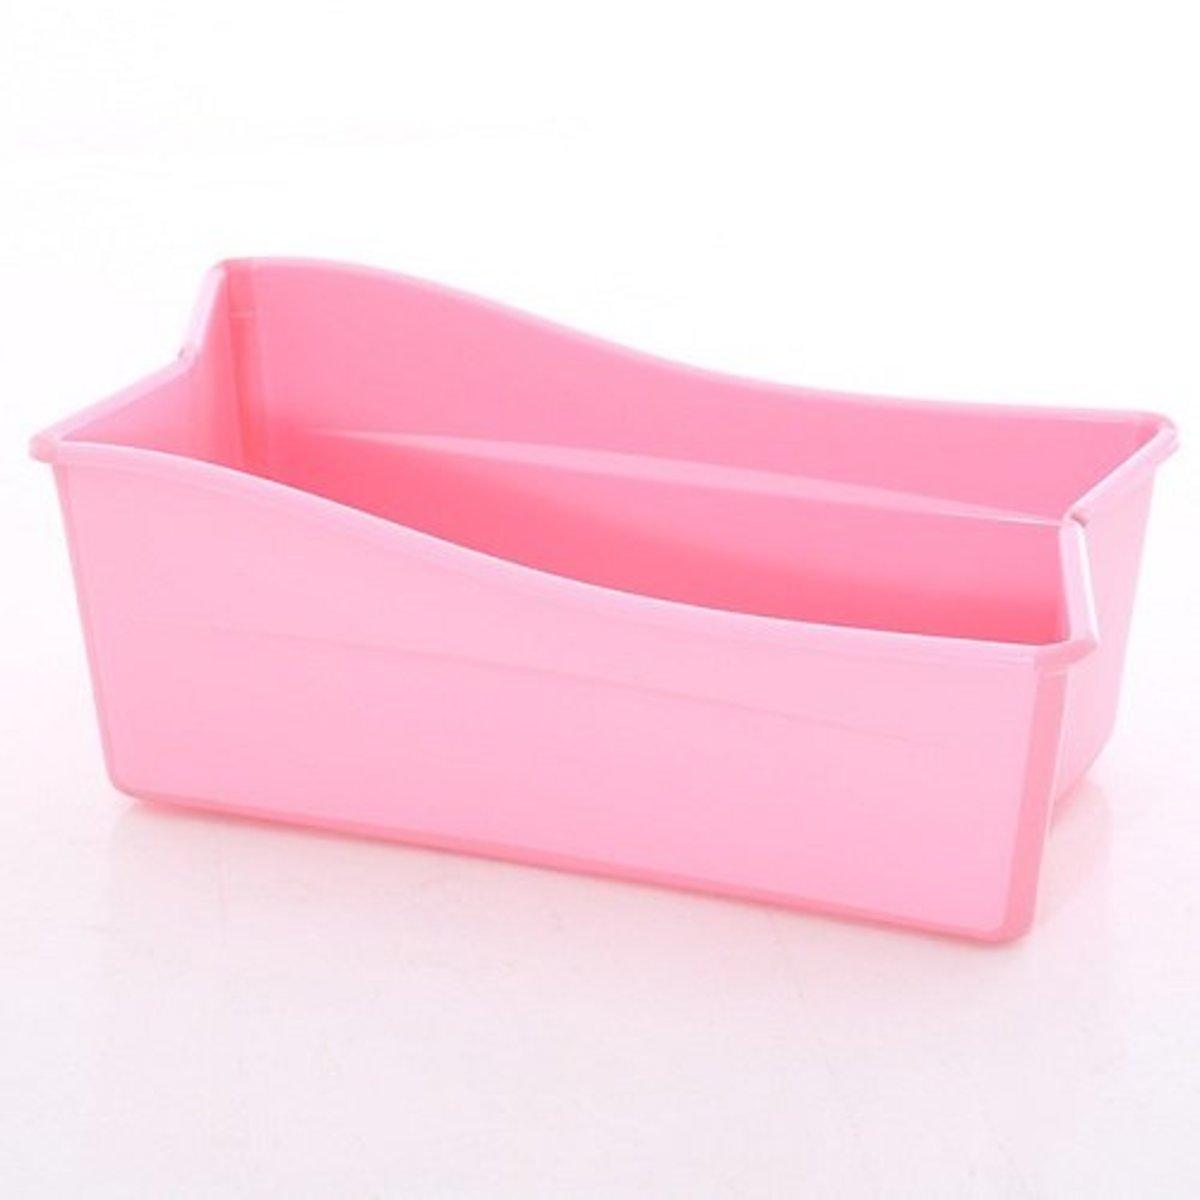 便攜折疊式嬰兒浴盆-粉紅色